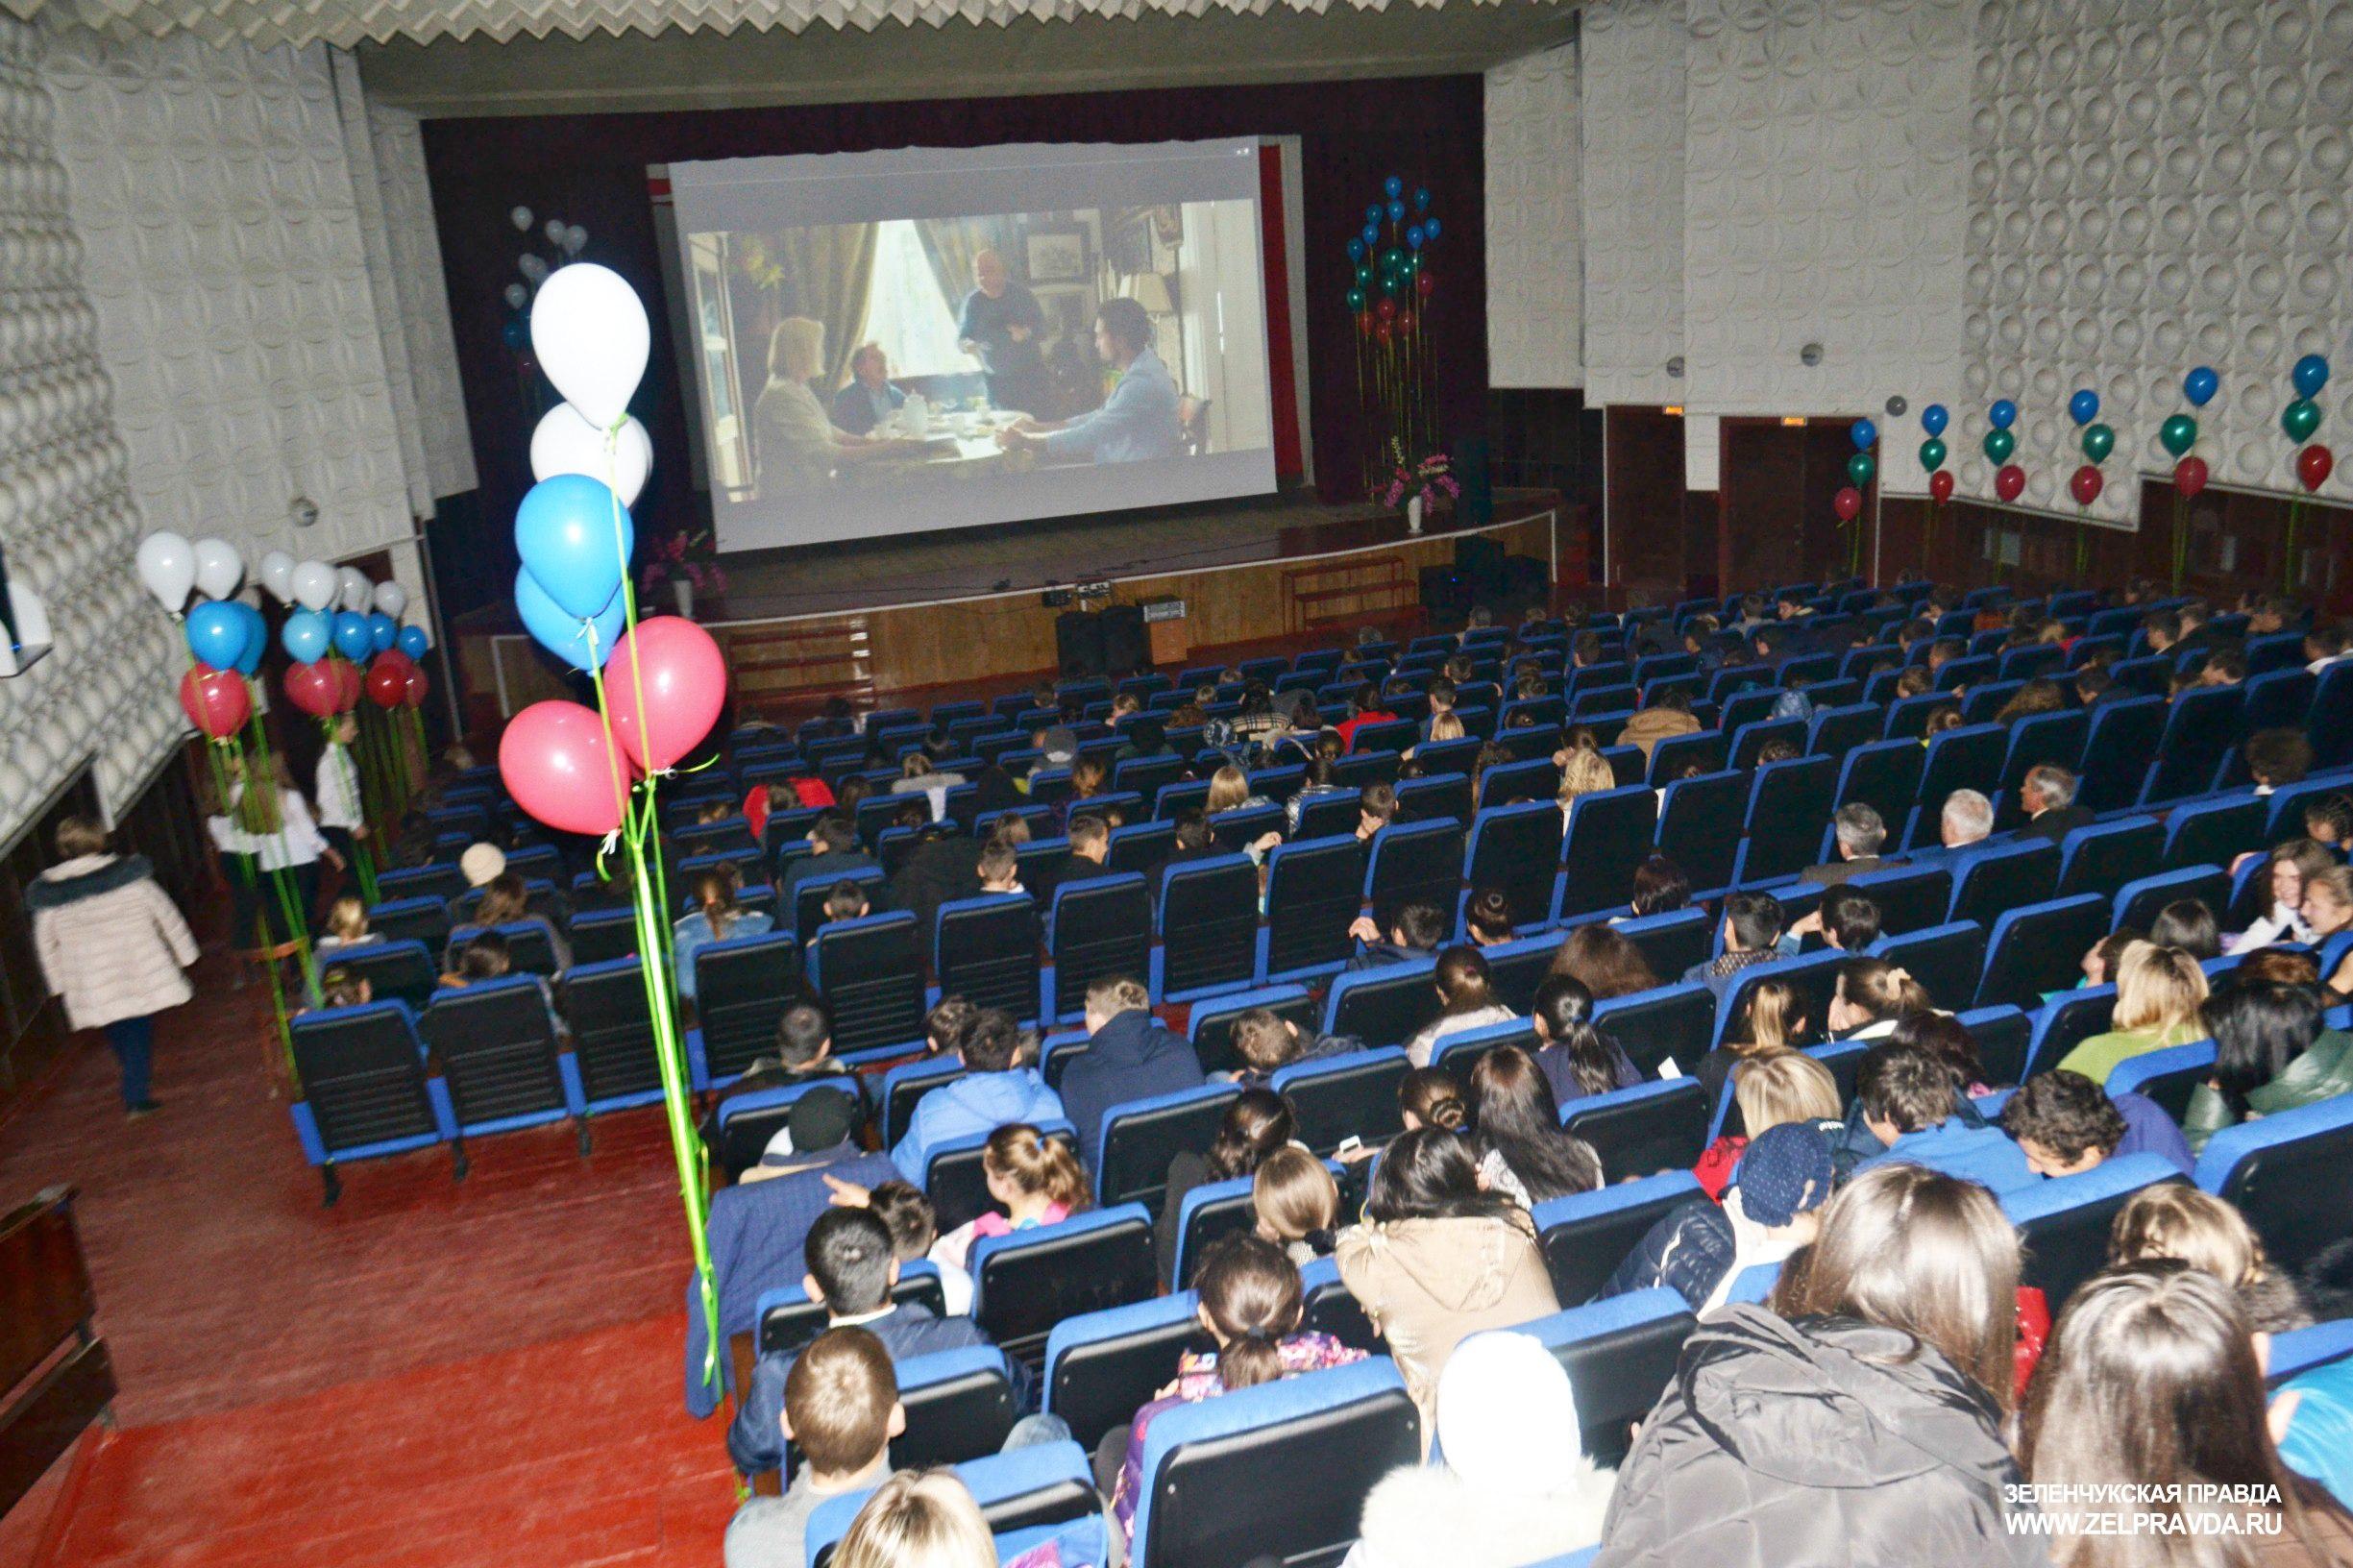 Чаушев И.Б.: стоимость билета на киносеанс не превысит 190 рублей